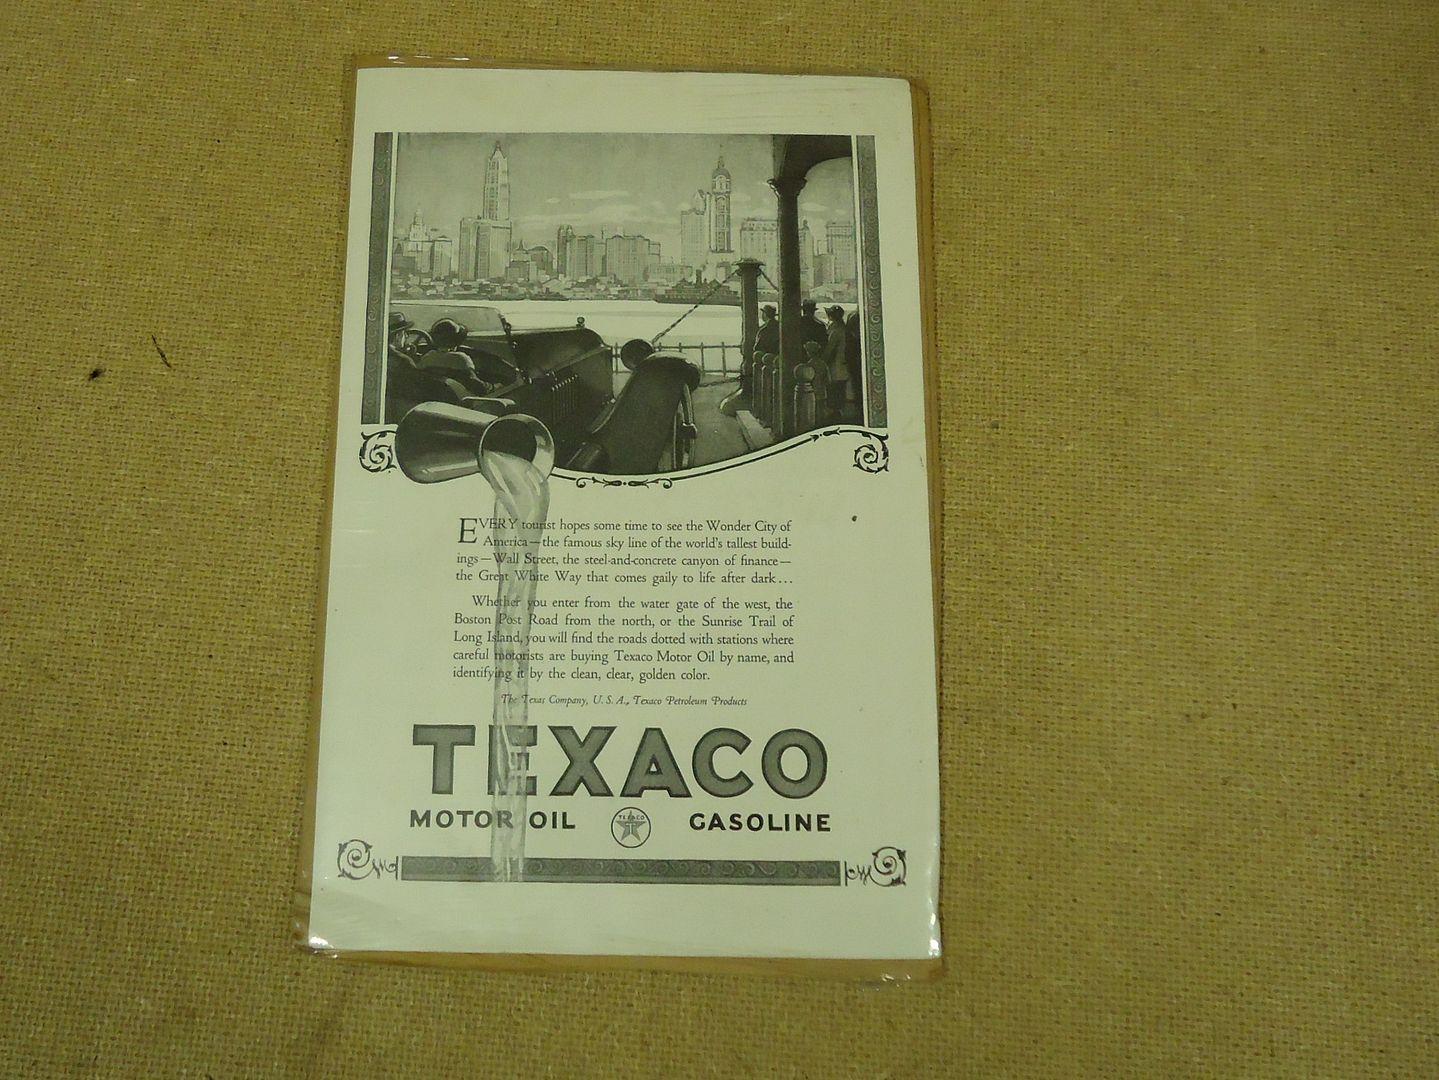 mm1766 101812-744u Texaco Vintage Laminated Ad 10in x 7in Black/White Oil Gasoline